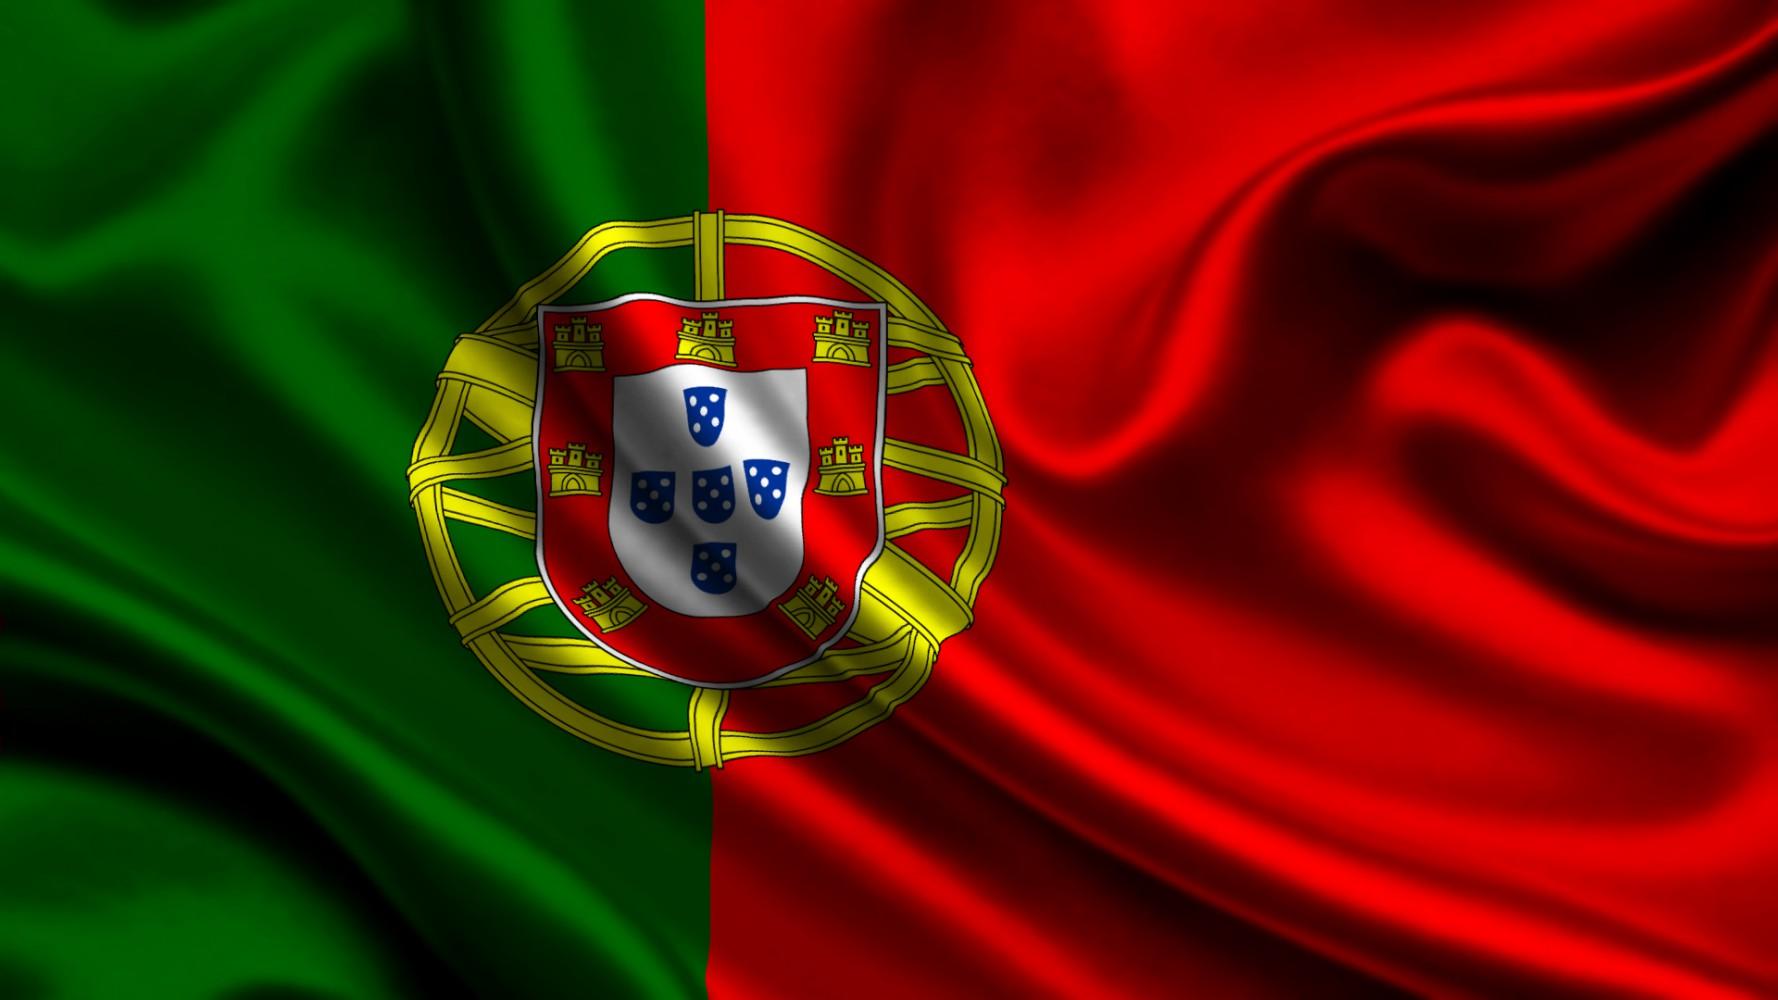 Portogallo - Bandiera Imc